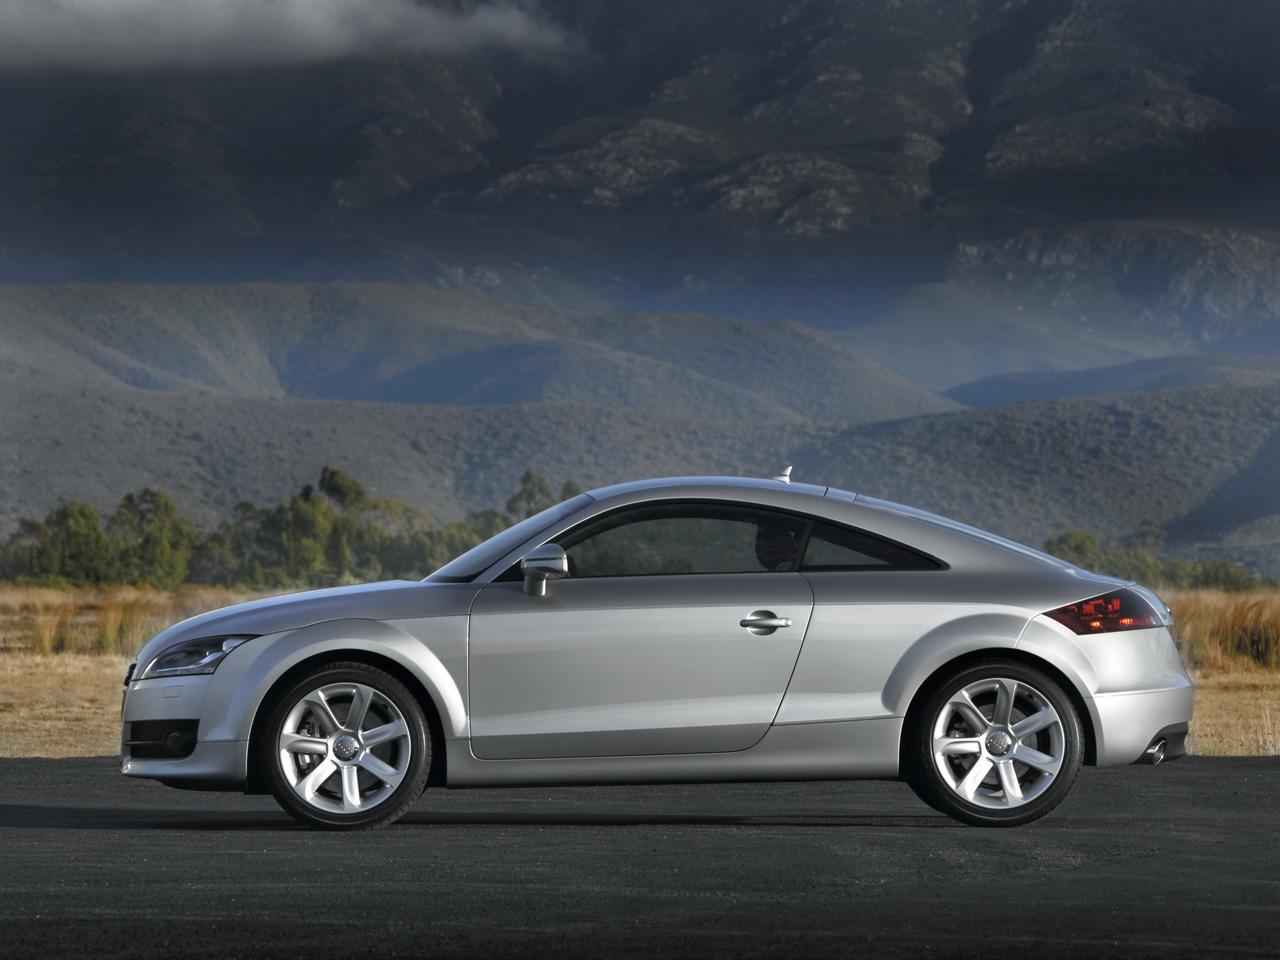 2010 Audi TT RS thumbnail image